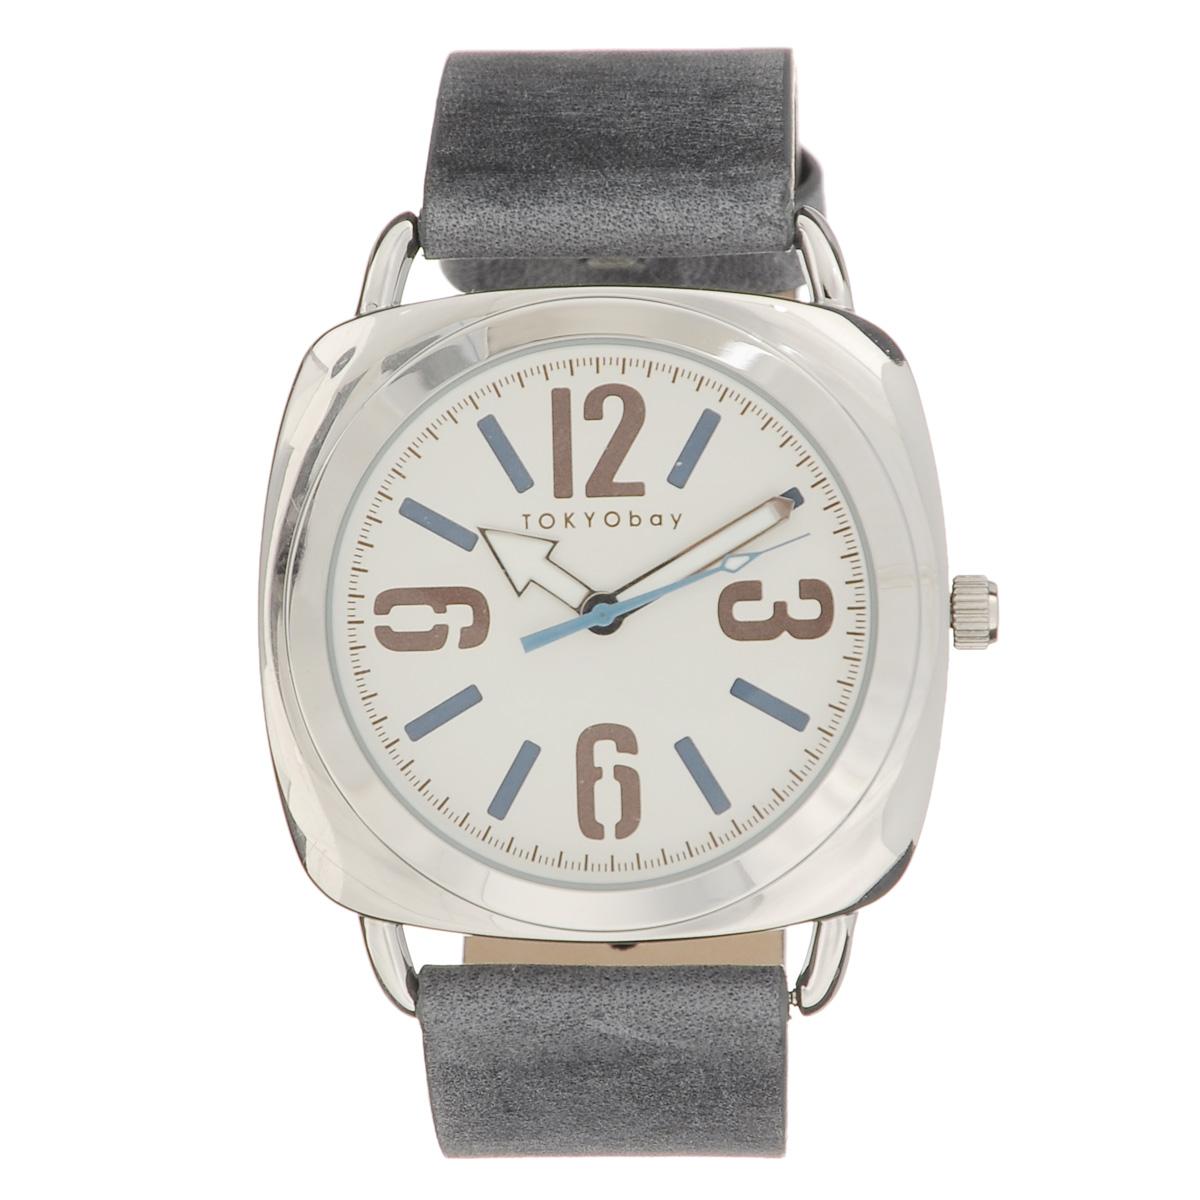 Часы унисекс наручные Tokyobay Strata Blue. T168-BLT168-BLНаручные часы Tokyobay - это стильное дополнение к вашему неповторимому образу. Эти часы созданы для современных мужчин и женщин, ценящих стиль, качество и практичность. Часы оснащены японским кварцевым механизмом Miyota. Задняя крышка изготовлена из нержавеющей стали. Корпус изготовлен из металла. Циферблат оформлен крупными арабскими цифрами и отметками, имеются часовая, минутная и секундная стрелки. Ремешок выполнен из кожи и застегивается на классическую застежку-пряжку. Часы Tokyobay - это практичный и модный аксессуар, который подчеркнет ваш безупречный вкус. Корпус: 3,9 х 3,9 х 0,8 см. Размер ремешка: 20 х 2,2 см. Не содержит никель. Не водостойкие.